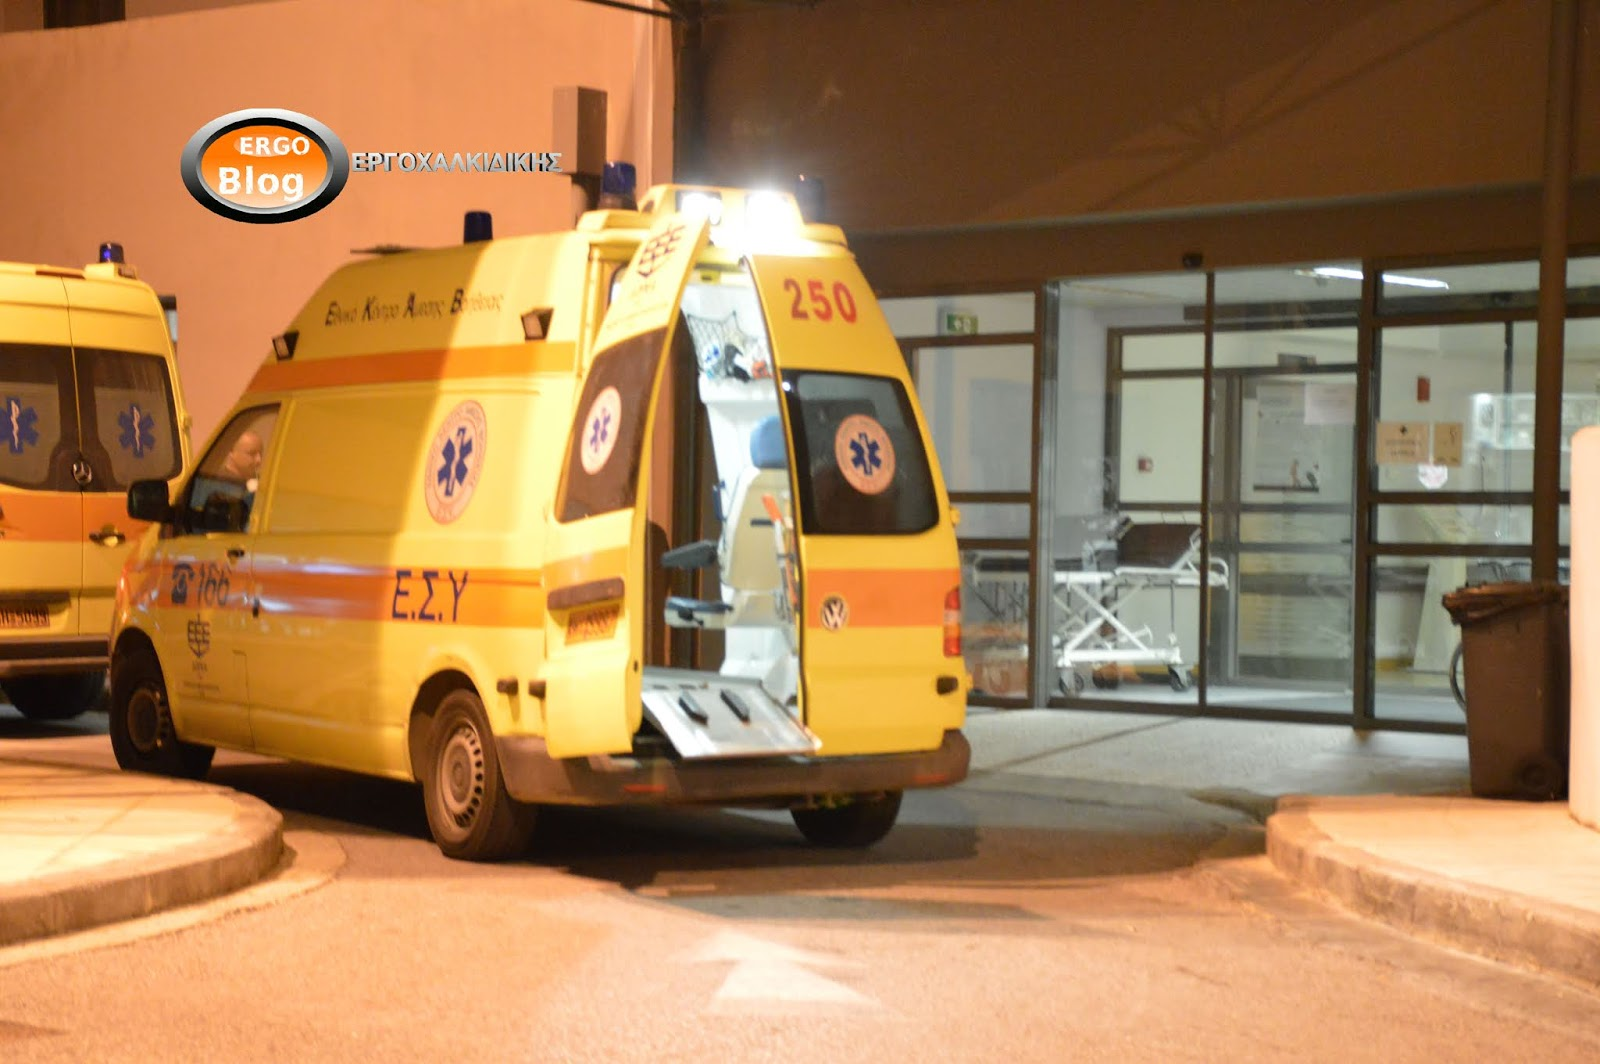 Τραγωδία στη Χαλκιδική: Πατέρας παρέσυρε με αγροτικό και σκότωσε τη 2χρονη κόρη του